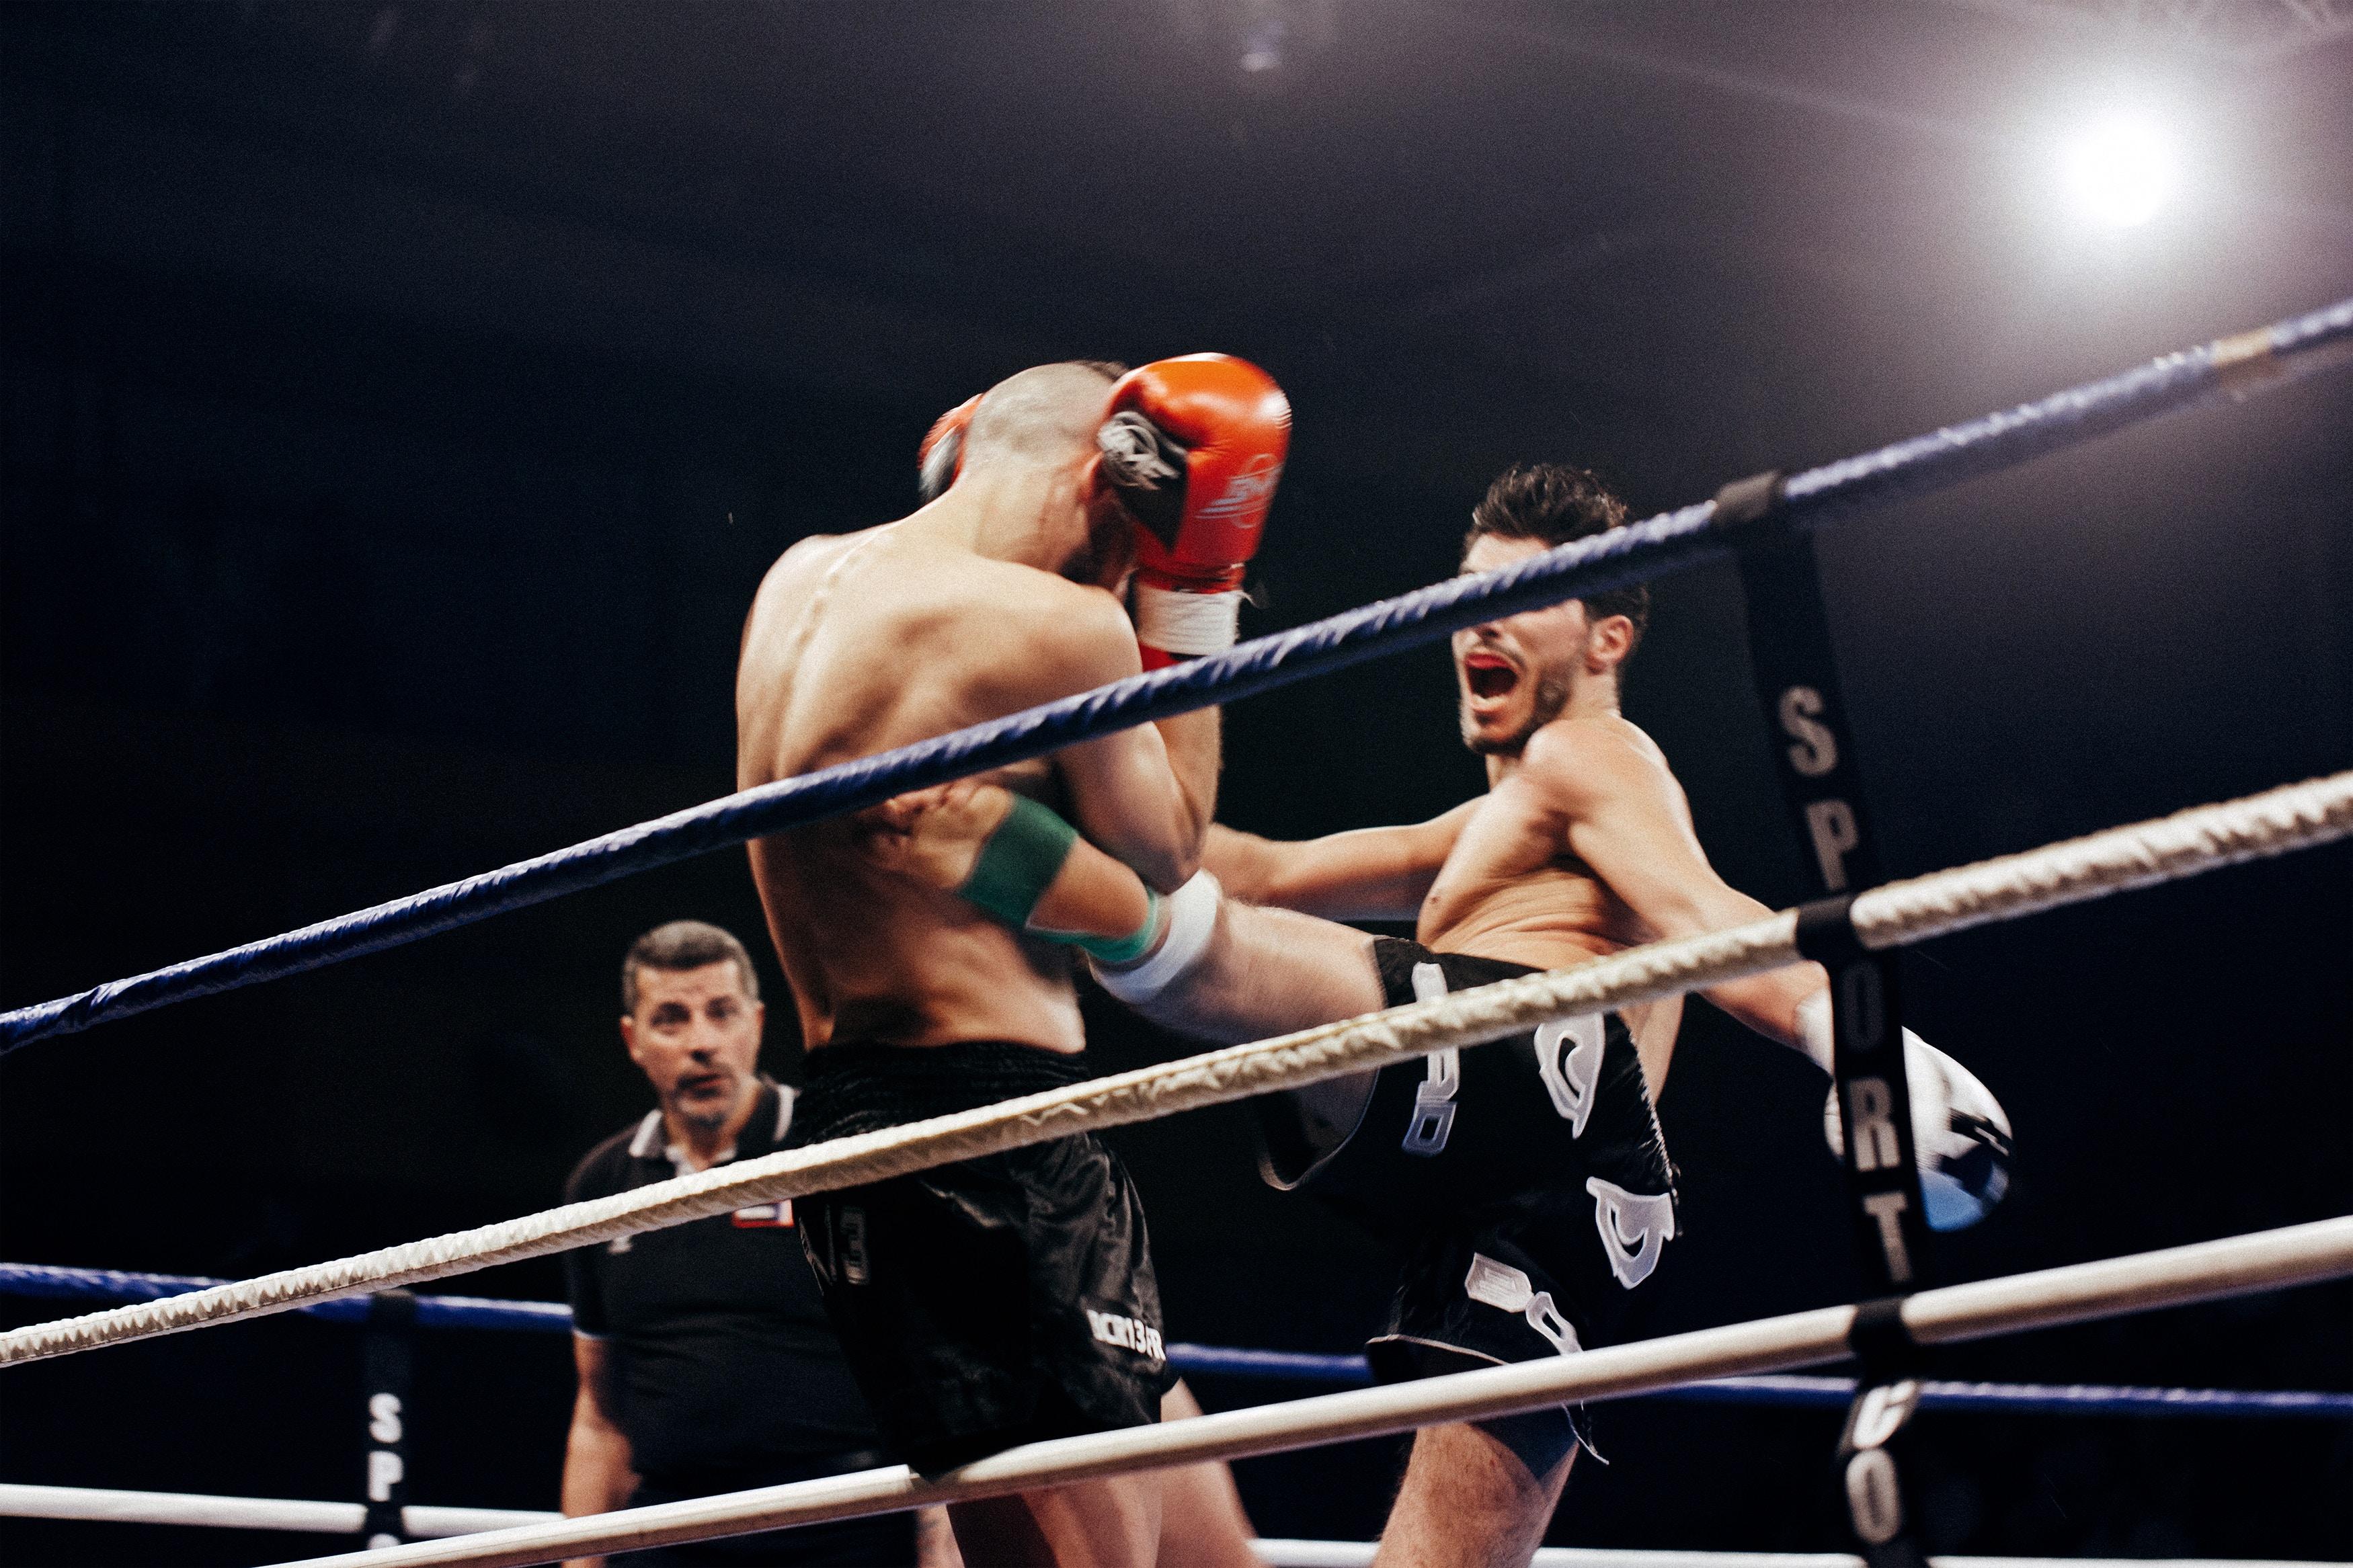 ストレス発散にはボクシング!